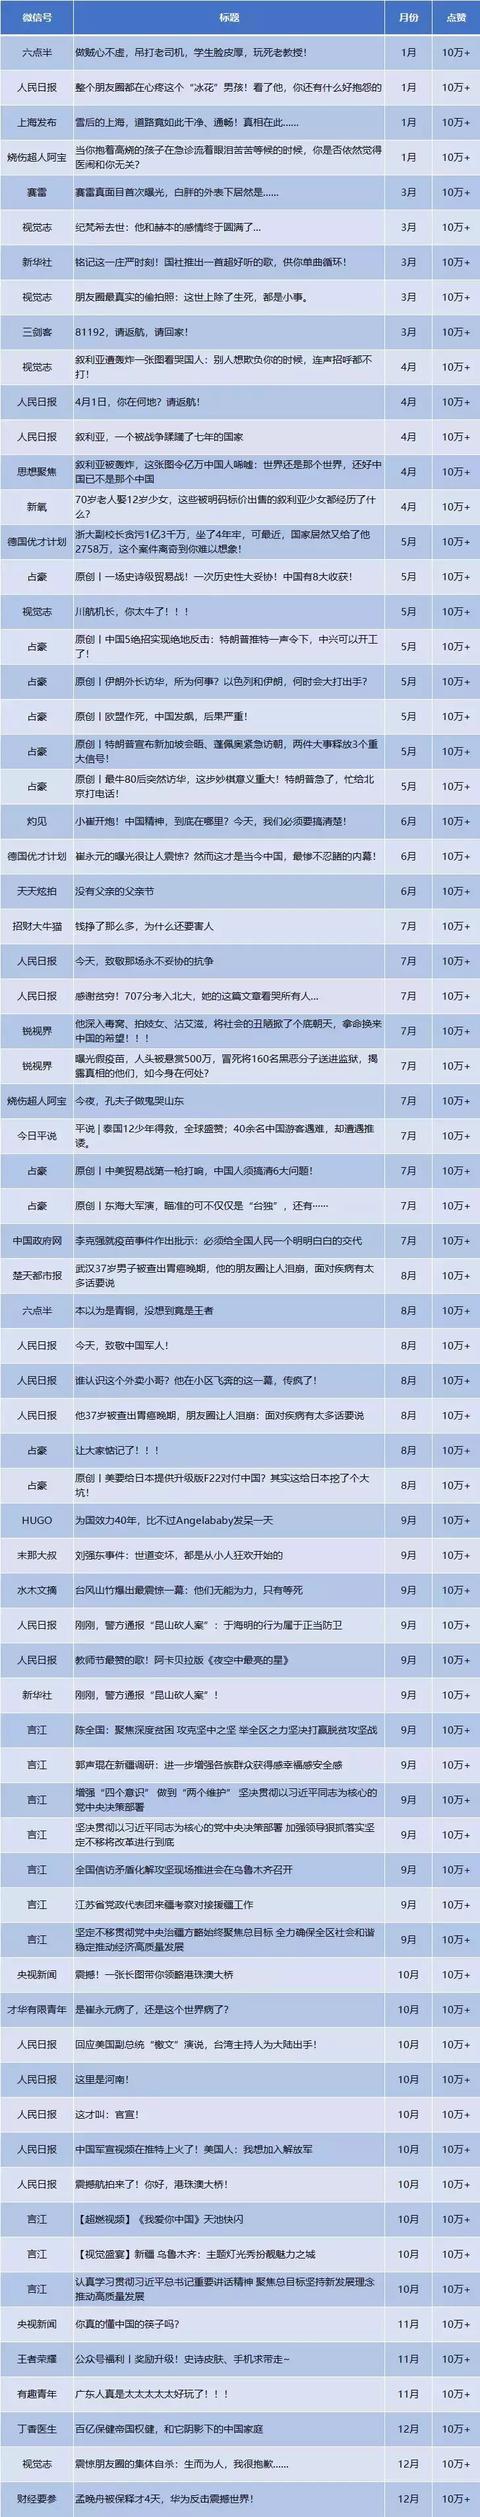 2018年全国微信公众号1000强